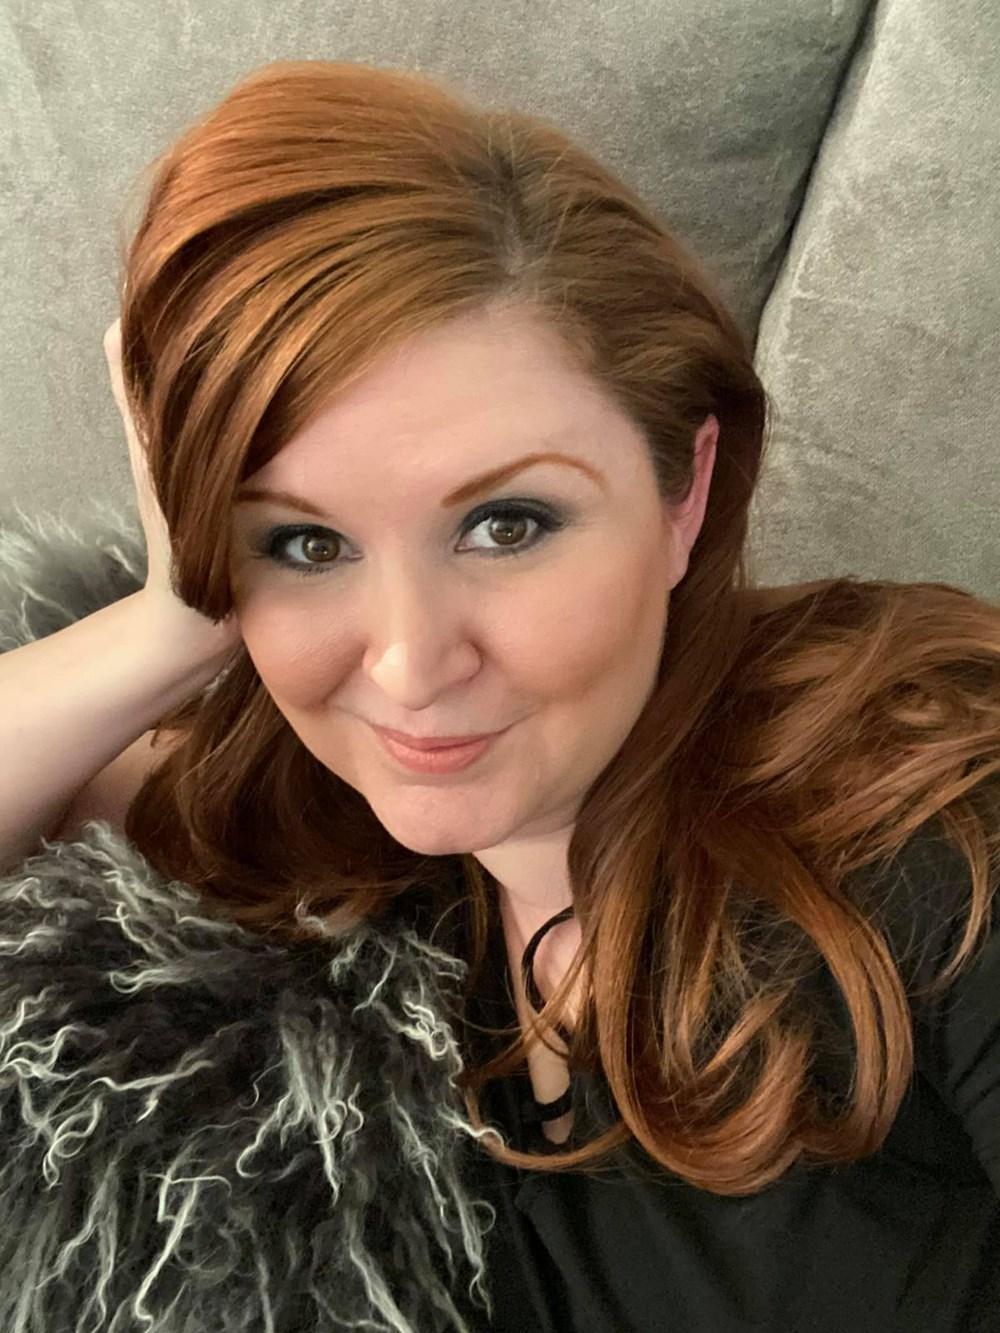 Yazar Shanna Hogan çocuğunun yanında geçirdiği kaza sonrası öldü - 5